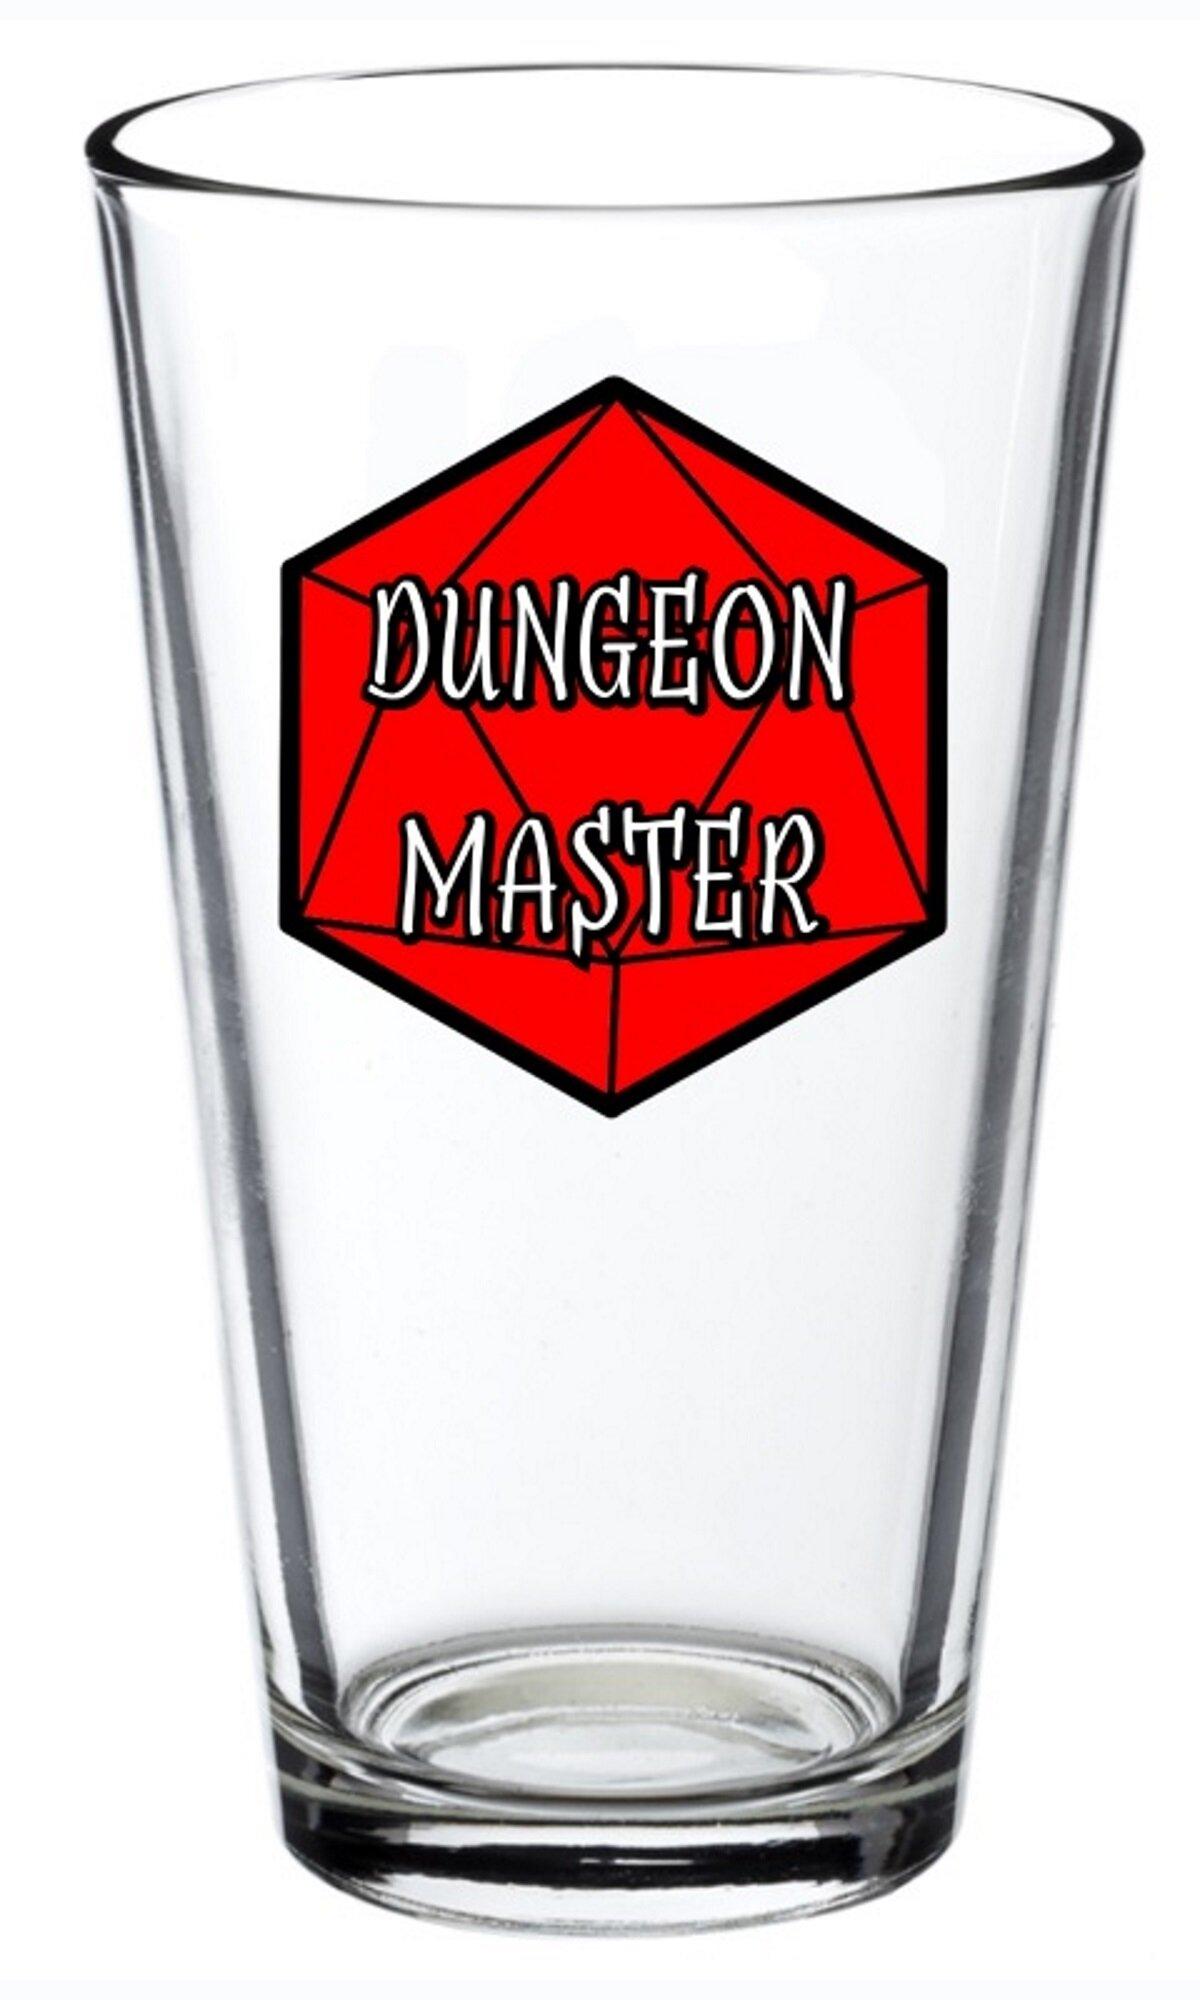 Dungeon Master